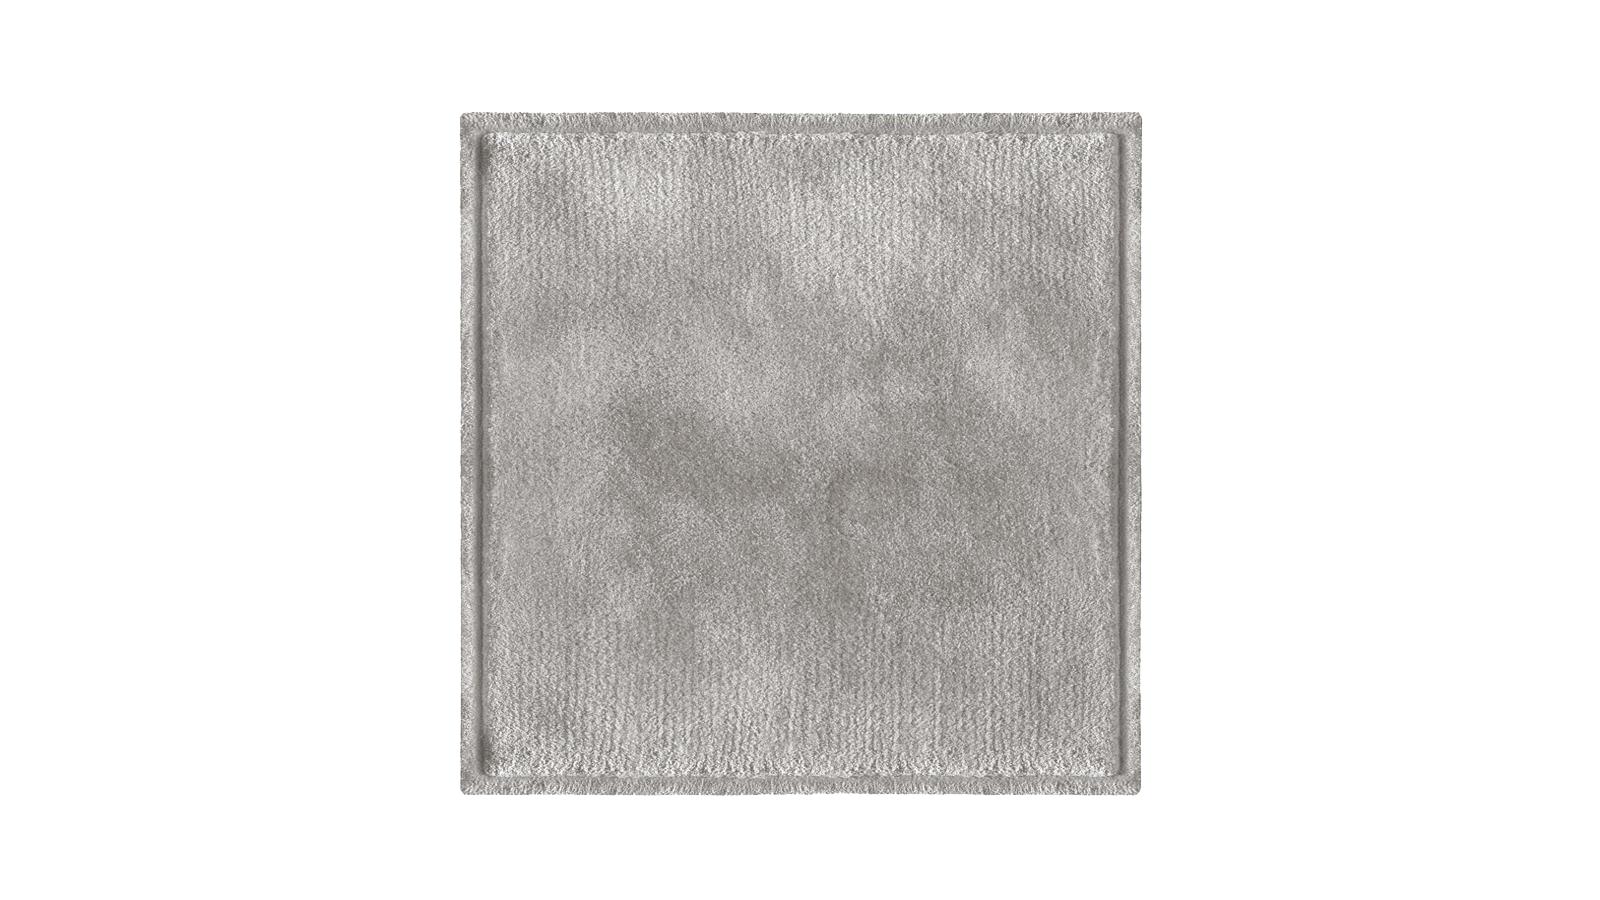 A Minotti szőnyegkollekciói közül a Dibbets Rim az egyik sokoldalúbb. Az öt centiméter széles, süllyesztett peremnek köszönhetően a szőnyegek puhasága sokkal jobban érvényesül, és érvényre jut egyedi felületük szépsége is. A Dibbets Rim szőnyegek kézi, ún. handtufting tűzőeljárással készülnek, három méretben, és számos színben elérhetők.